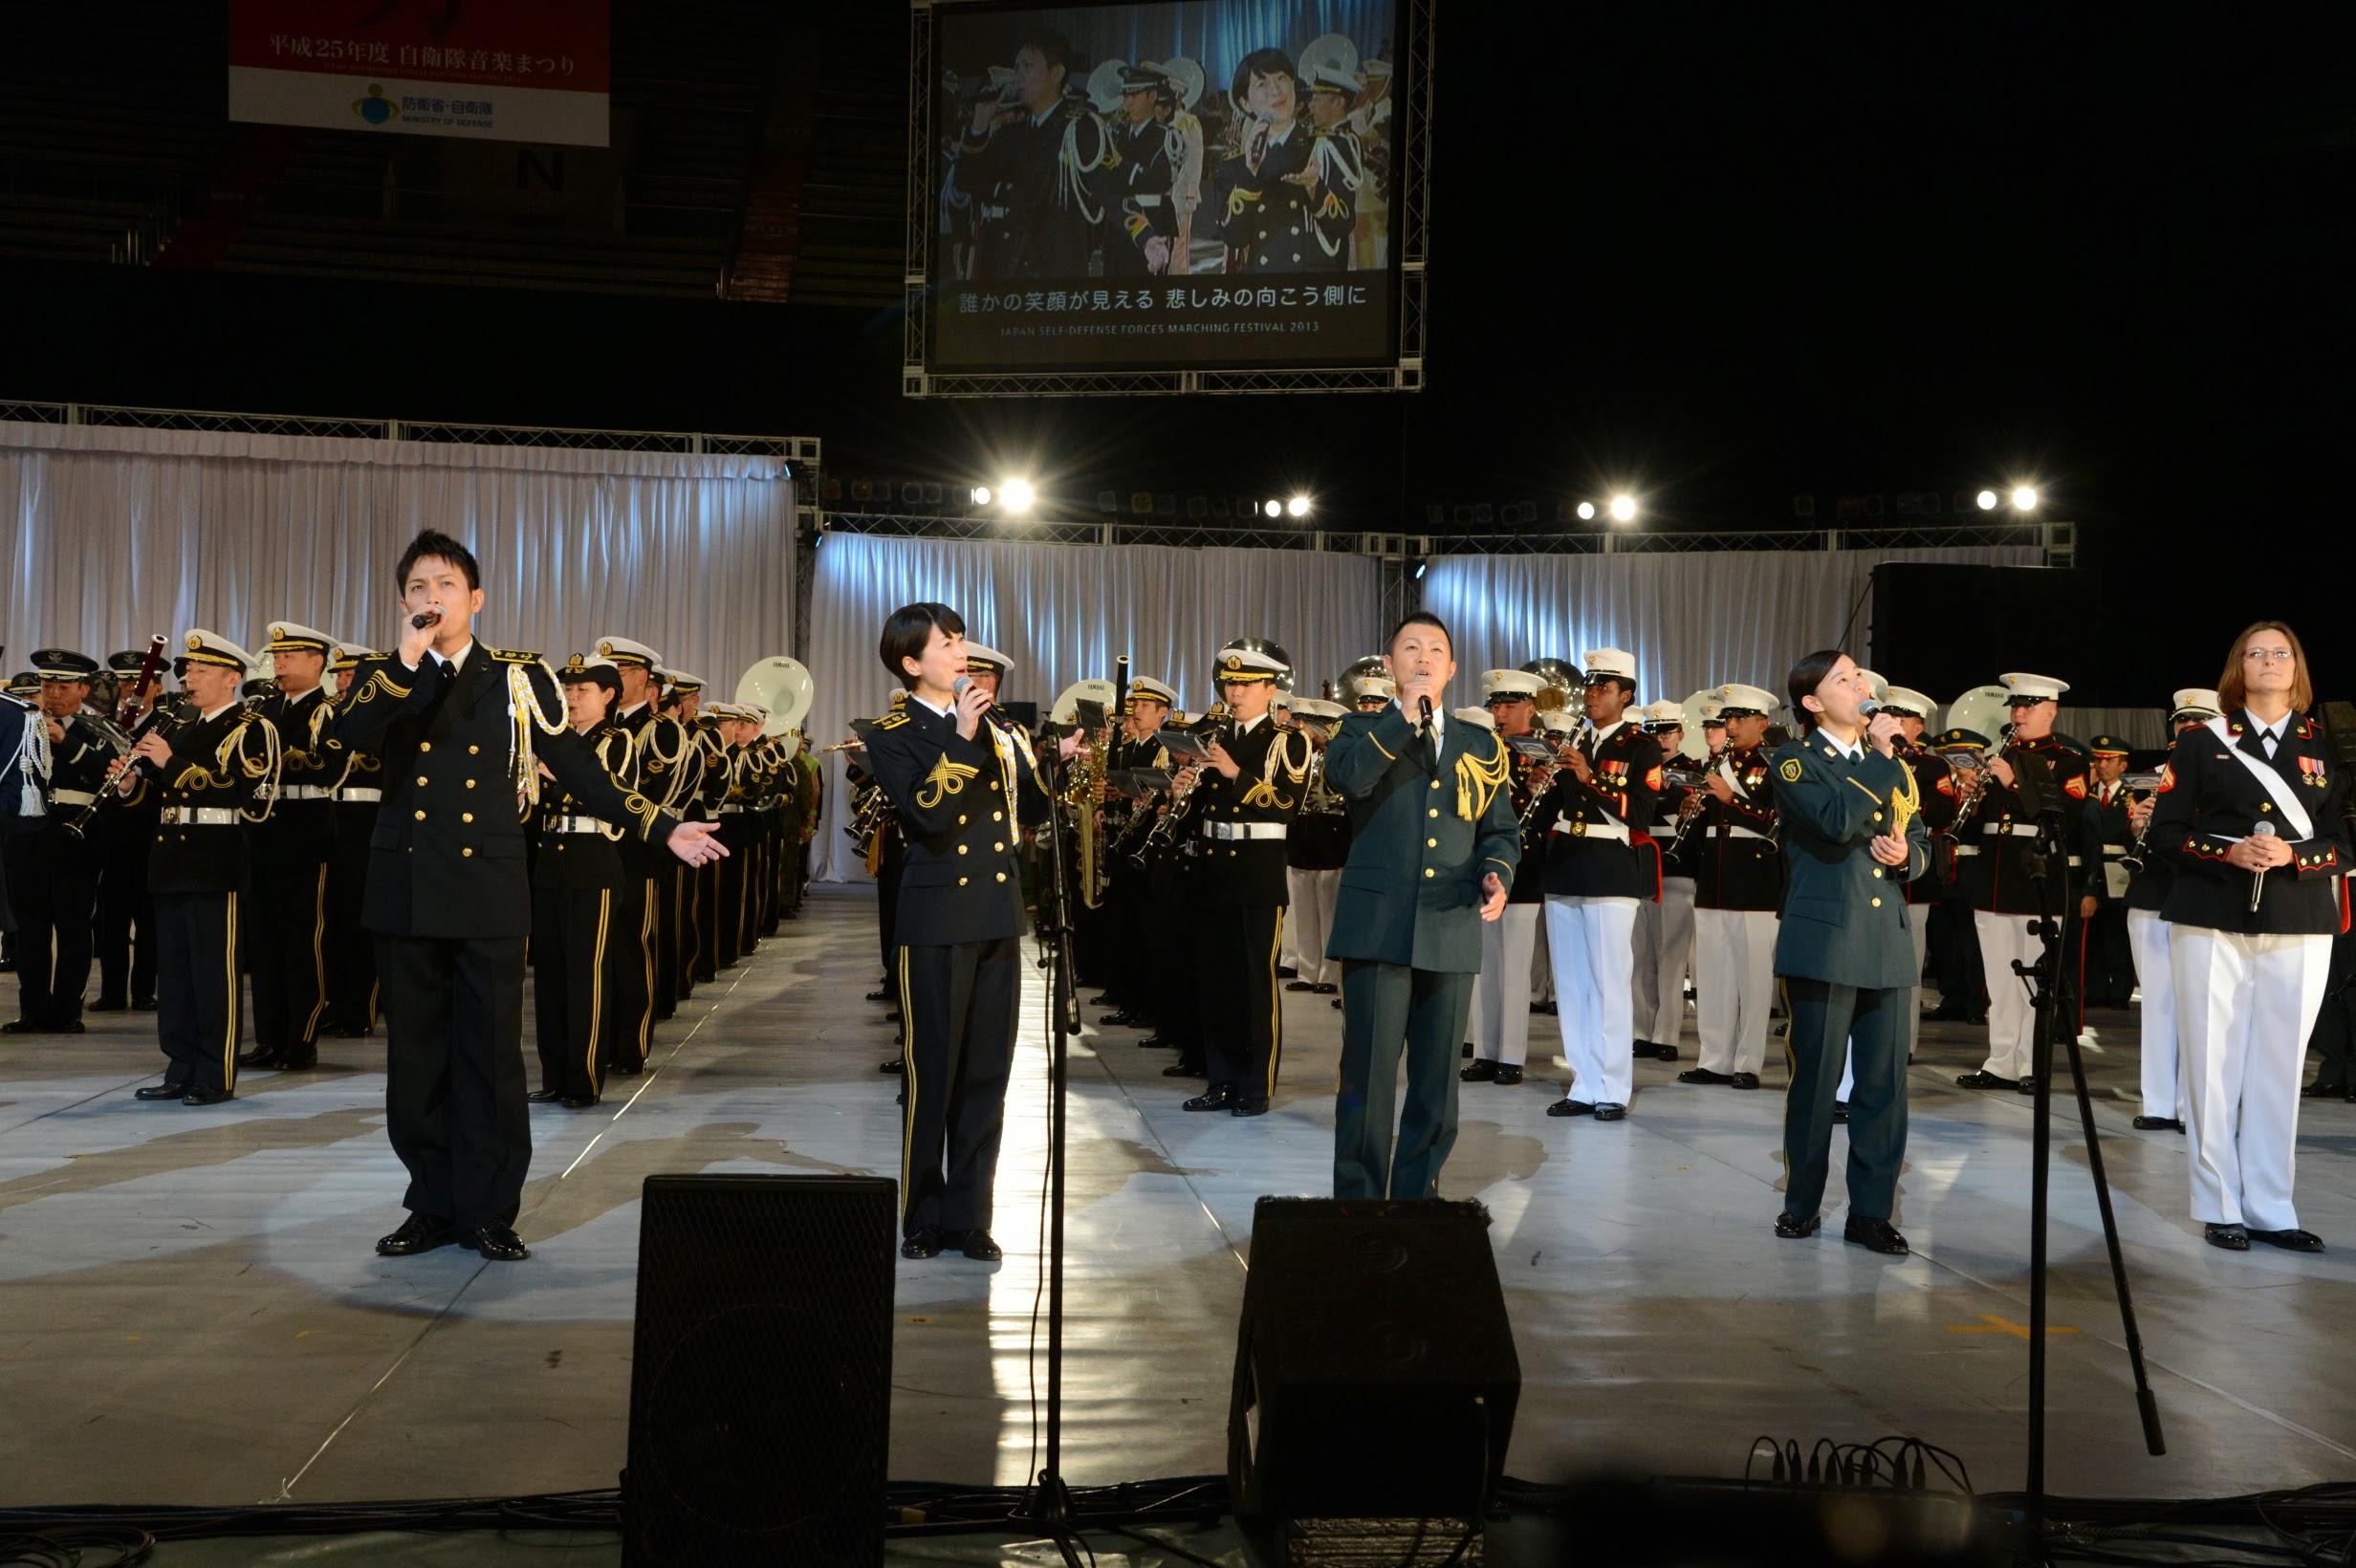 一番有名なのは「演奏服装」と呼ばれる、音楽隊の制服。陸上自衛隊は緑、海上自衛隊は黒(白)、航空自衛隊は青と、それぞれの制服の色を基調としていますが、ステージ